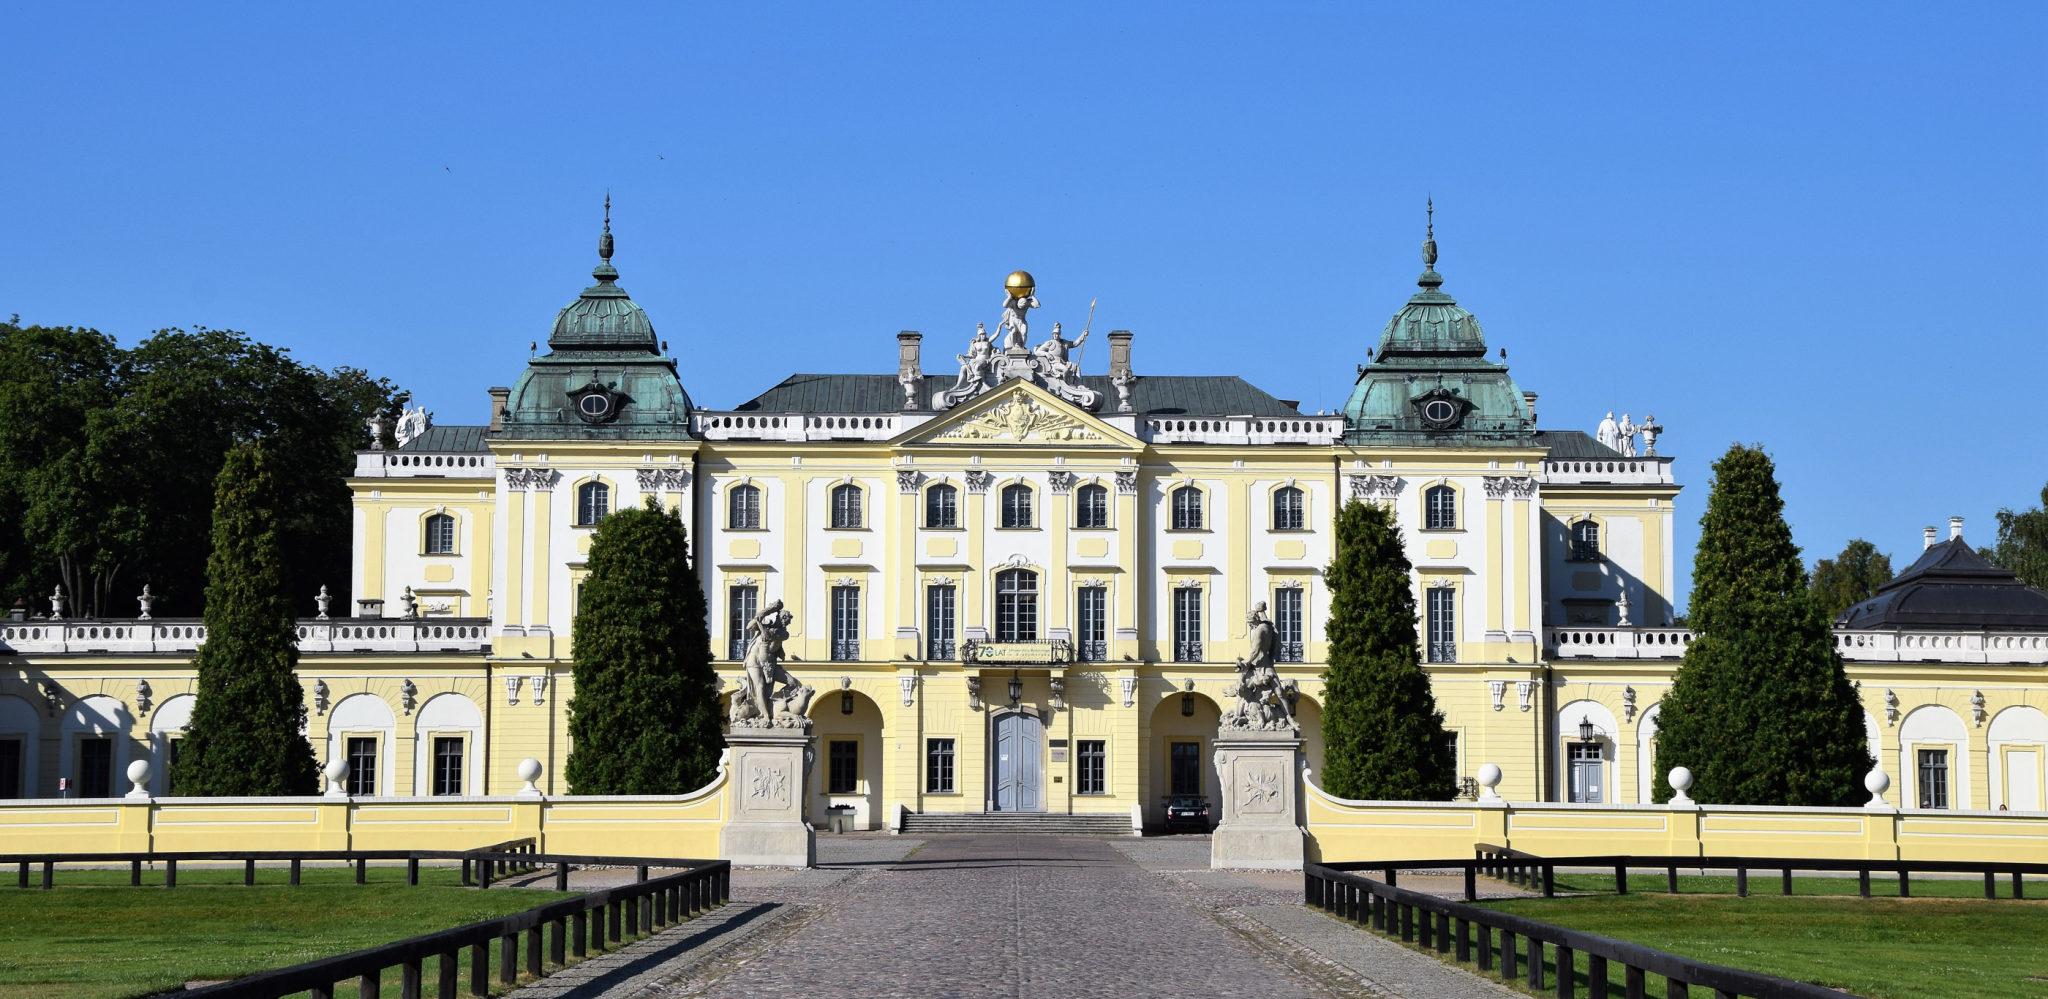 Pałac Branickich w Białymstoku, obecnie siedziba Uniwersytetu Medycznego